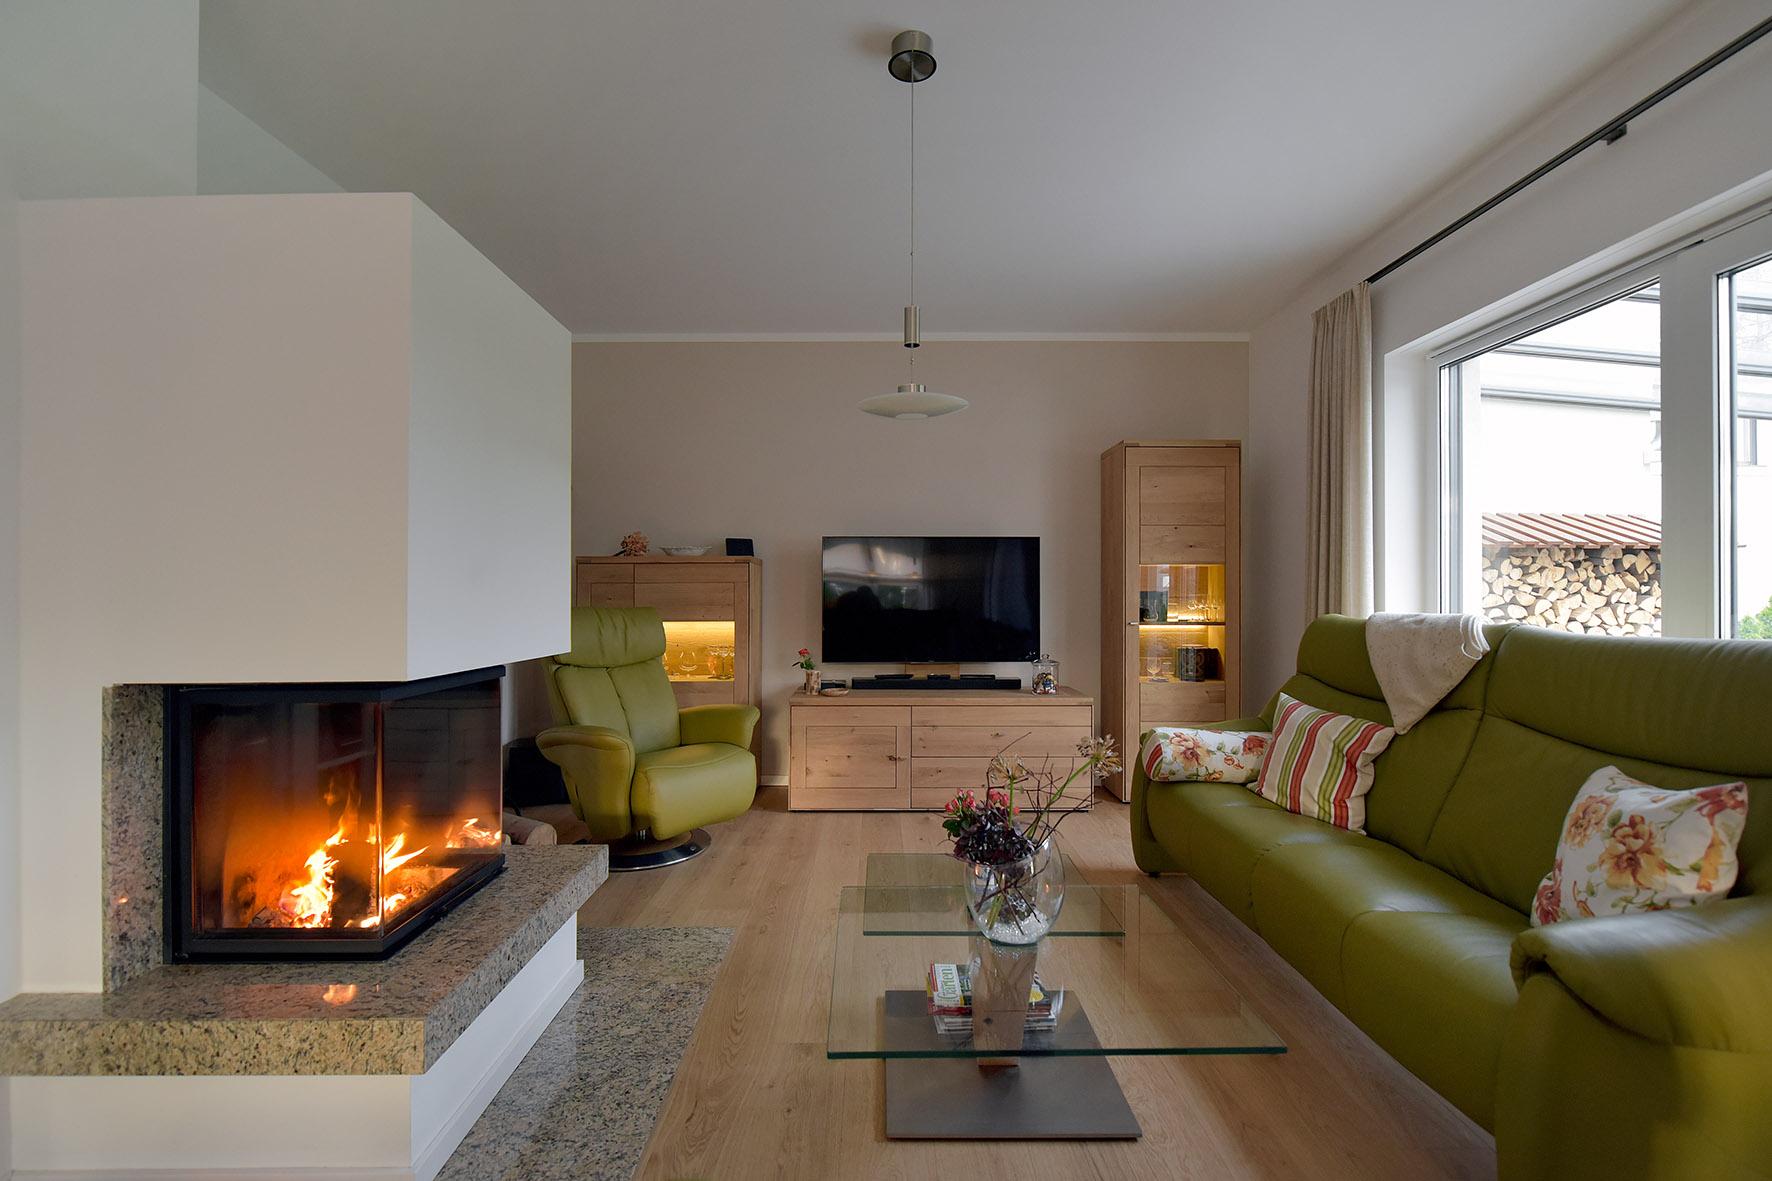 Wohnzimmer - 2013.jpg